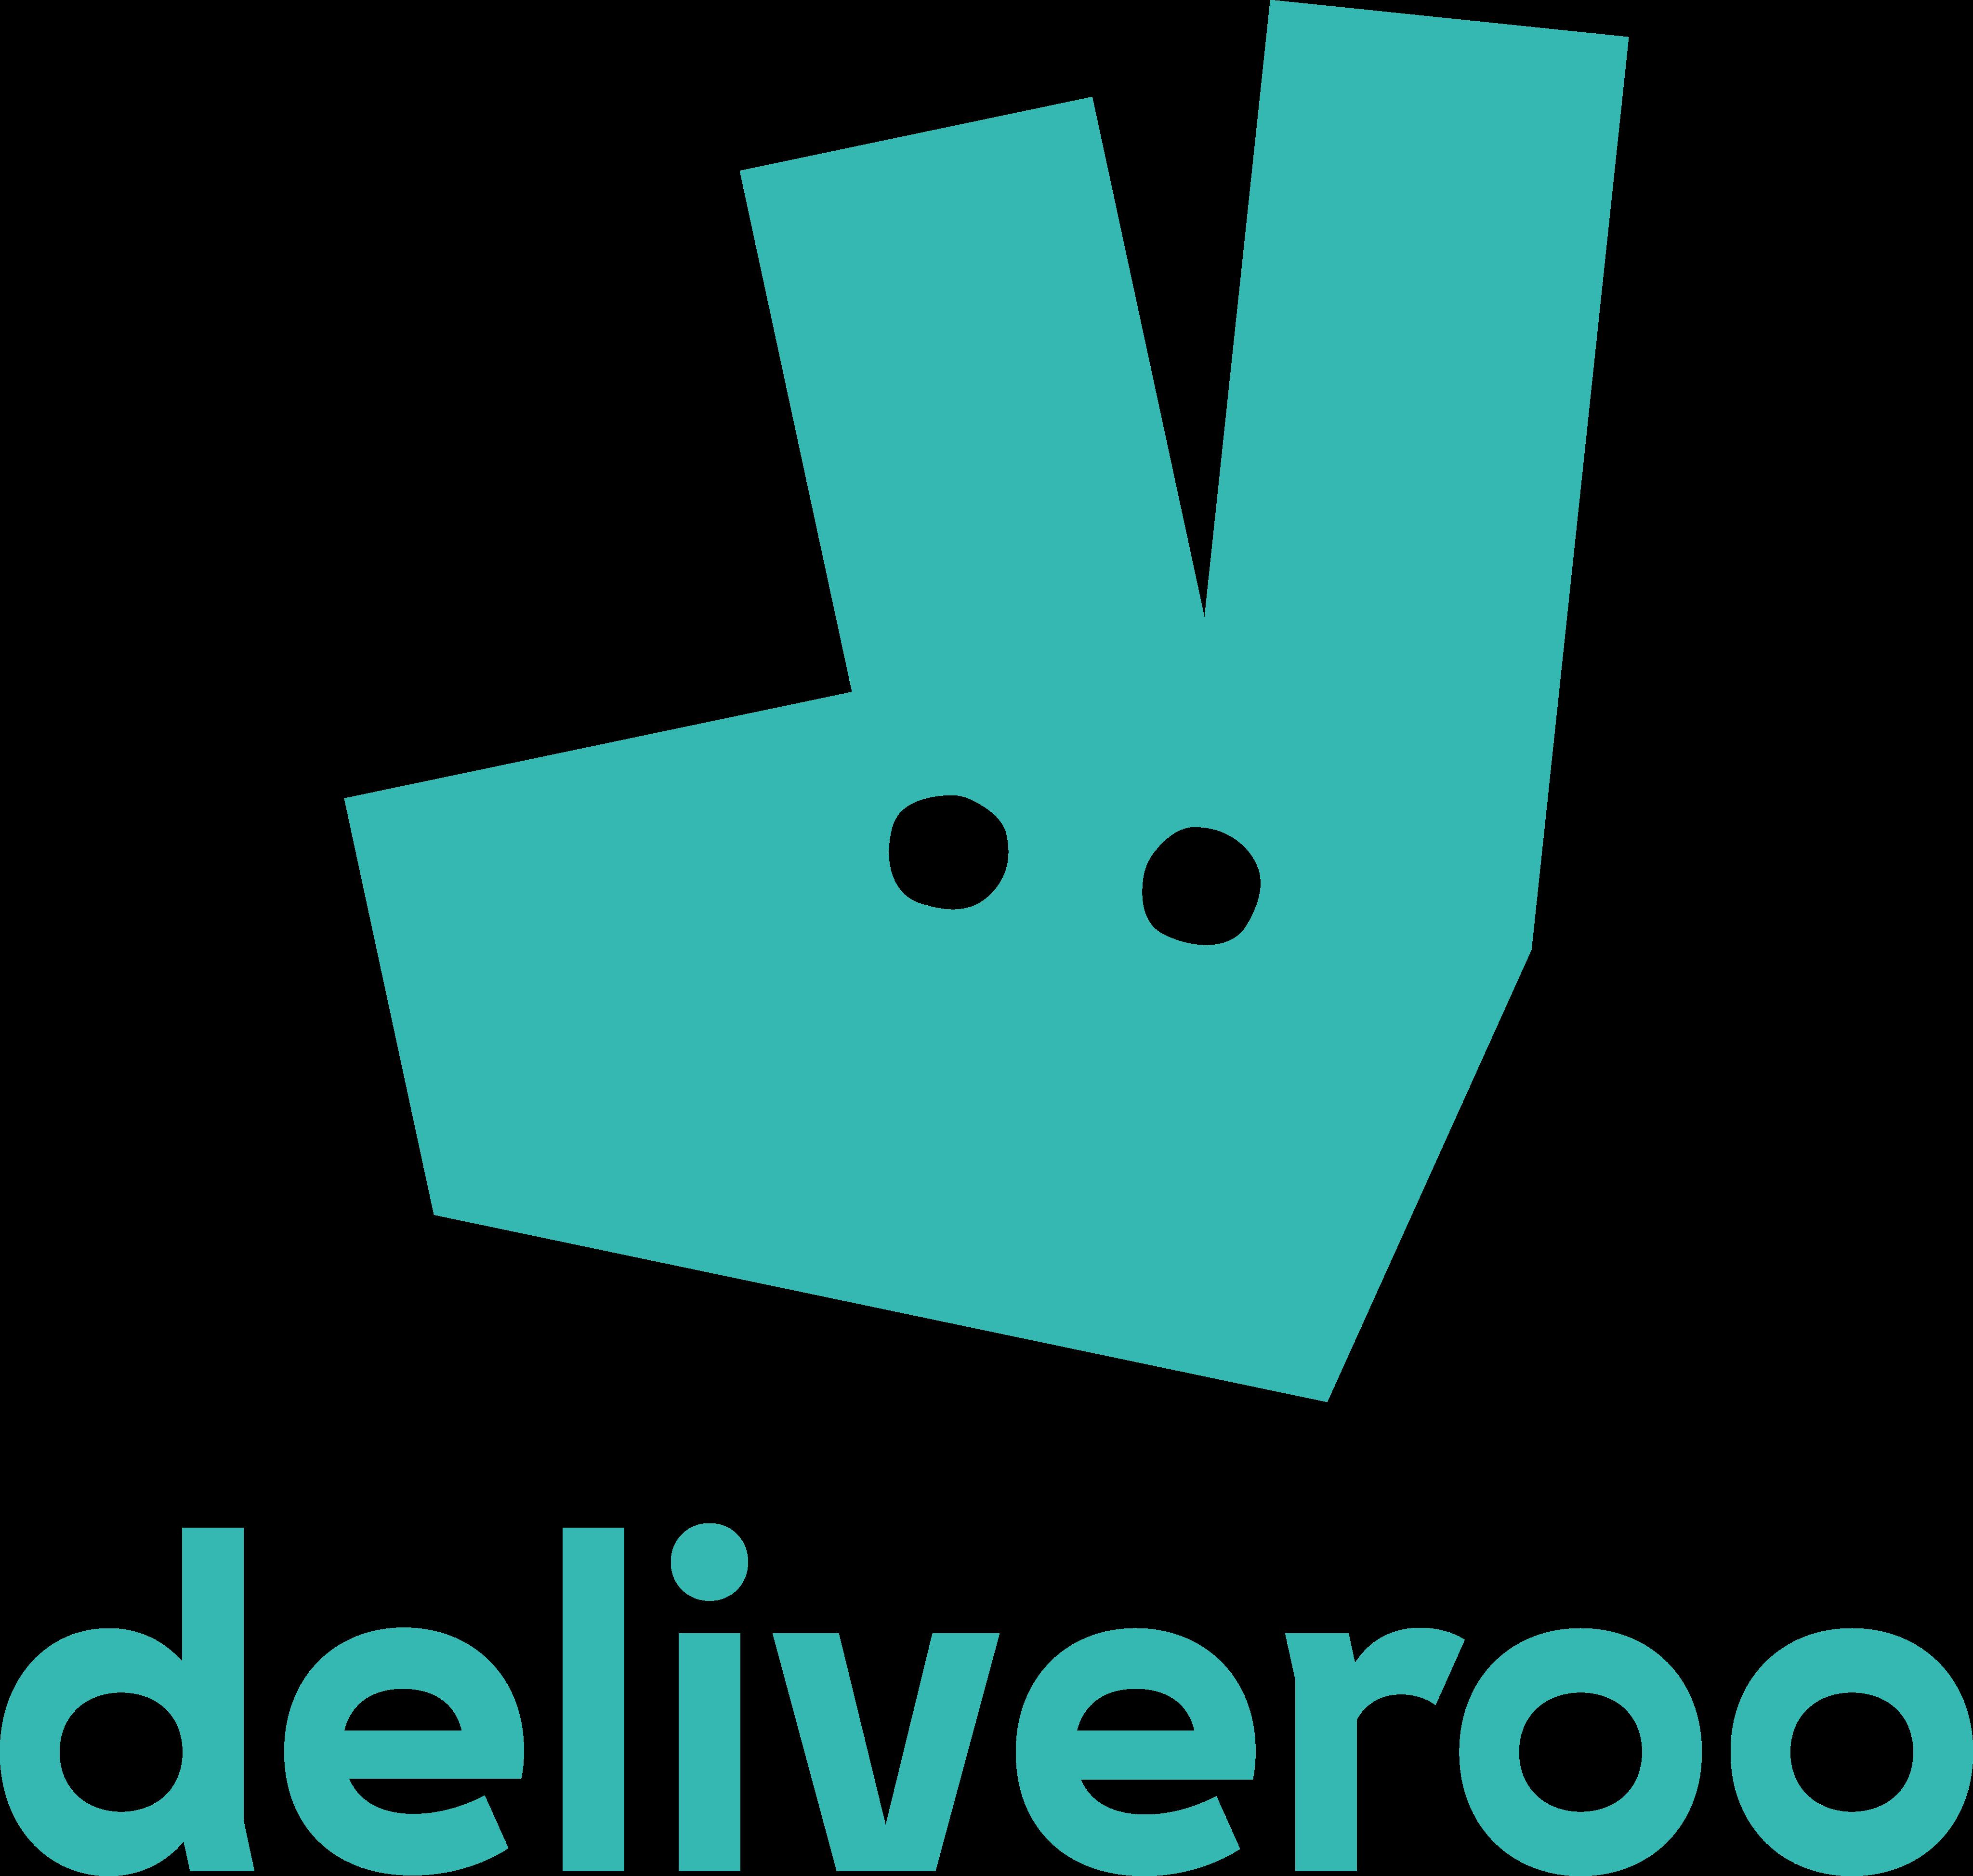 deliveroo logo 1 - Deliveroo Logo